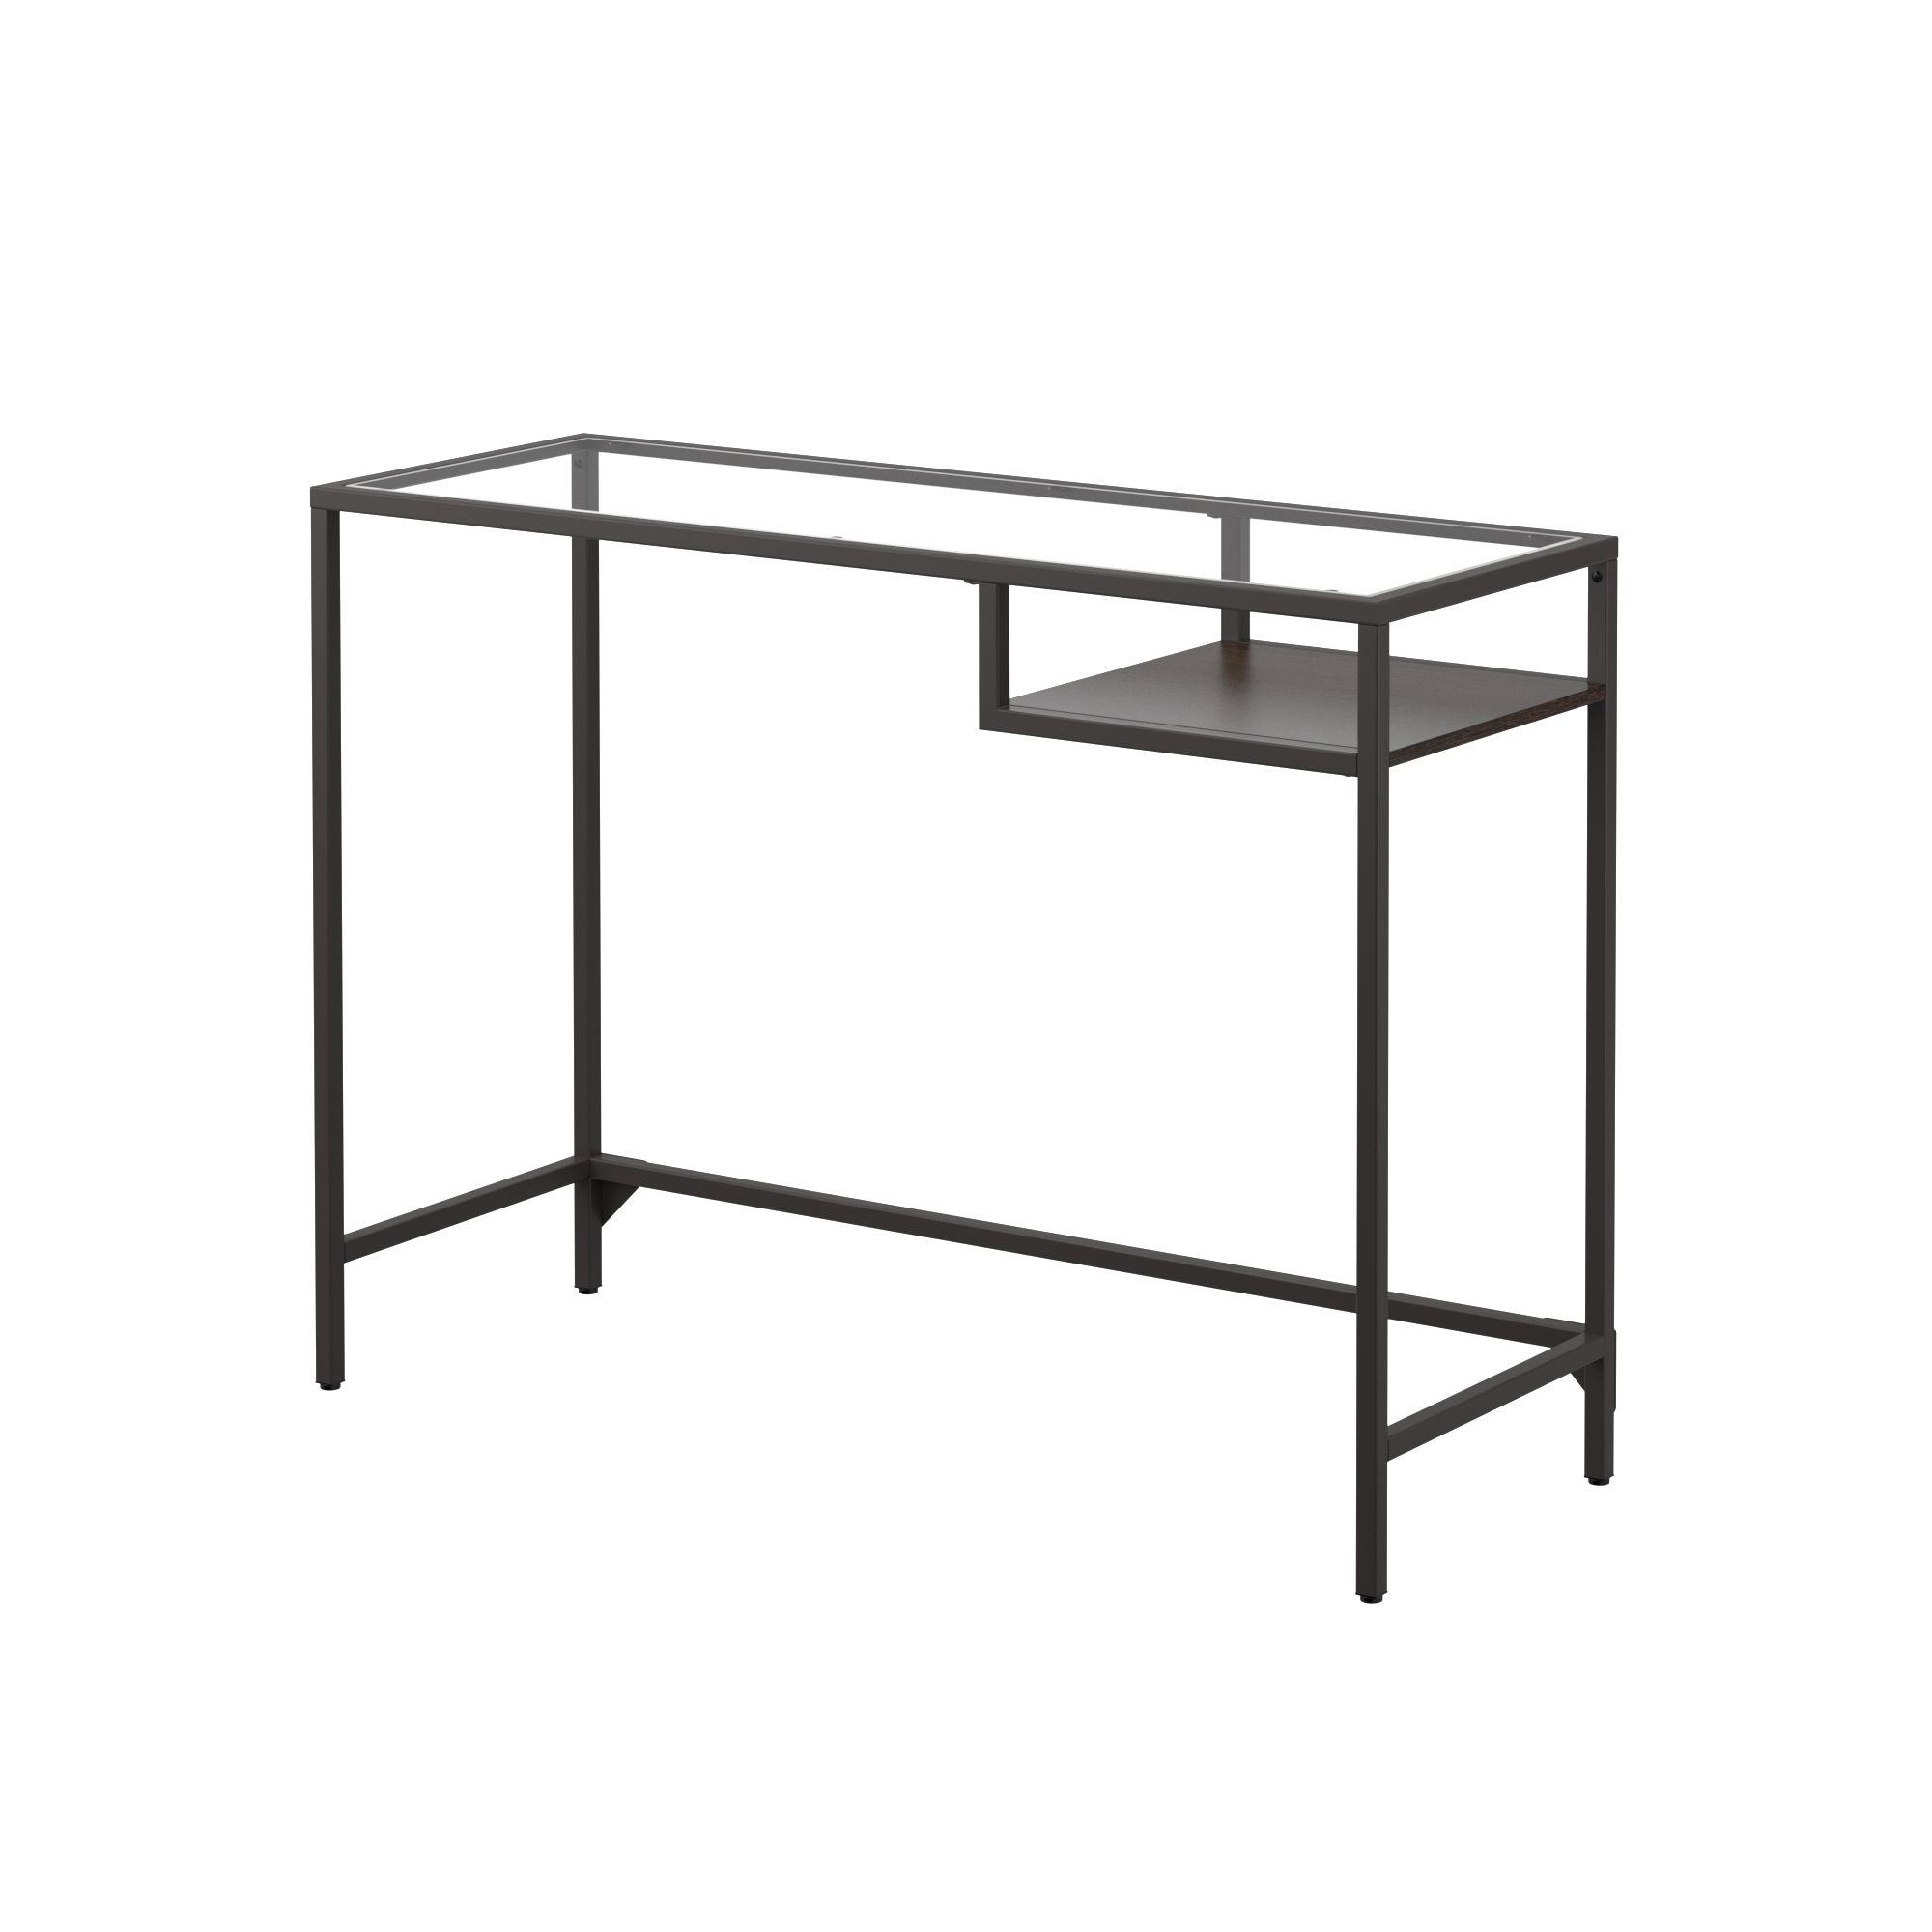 Vittsjo Laptop Table Black Brown Glass 39 3 8x14 1 8 Ikea In 2020 Laptop Table Ikea Guest Room Office